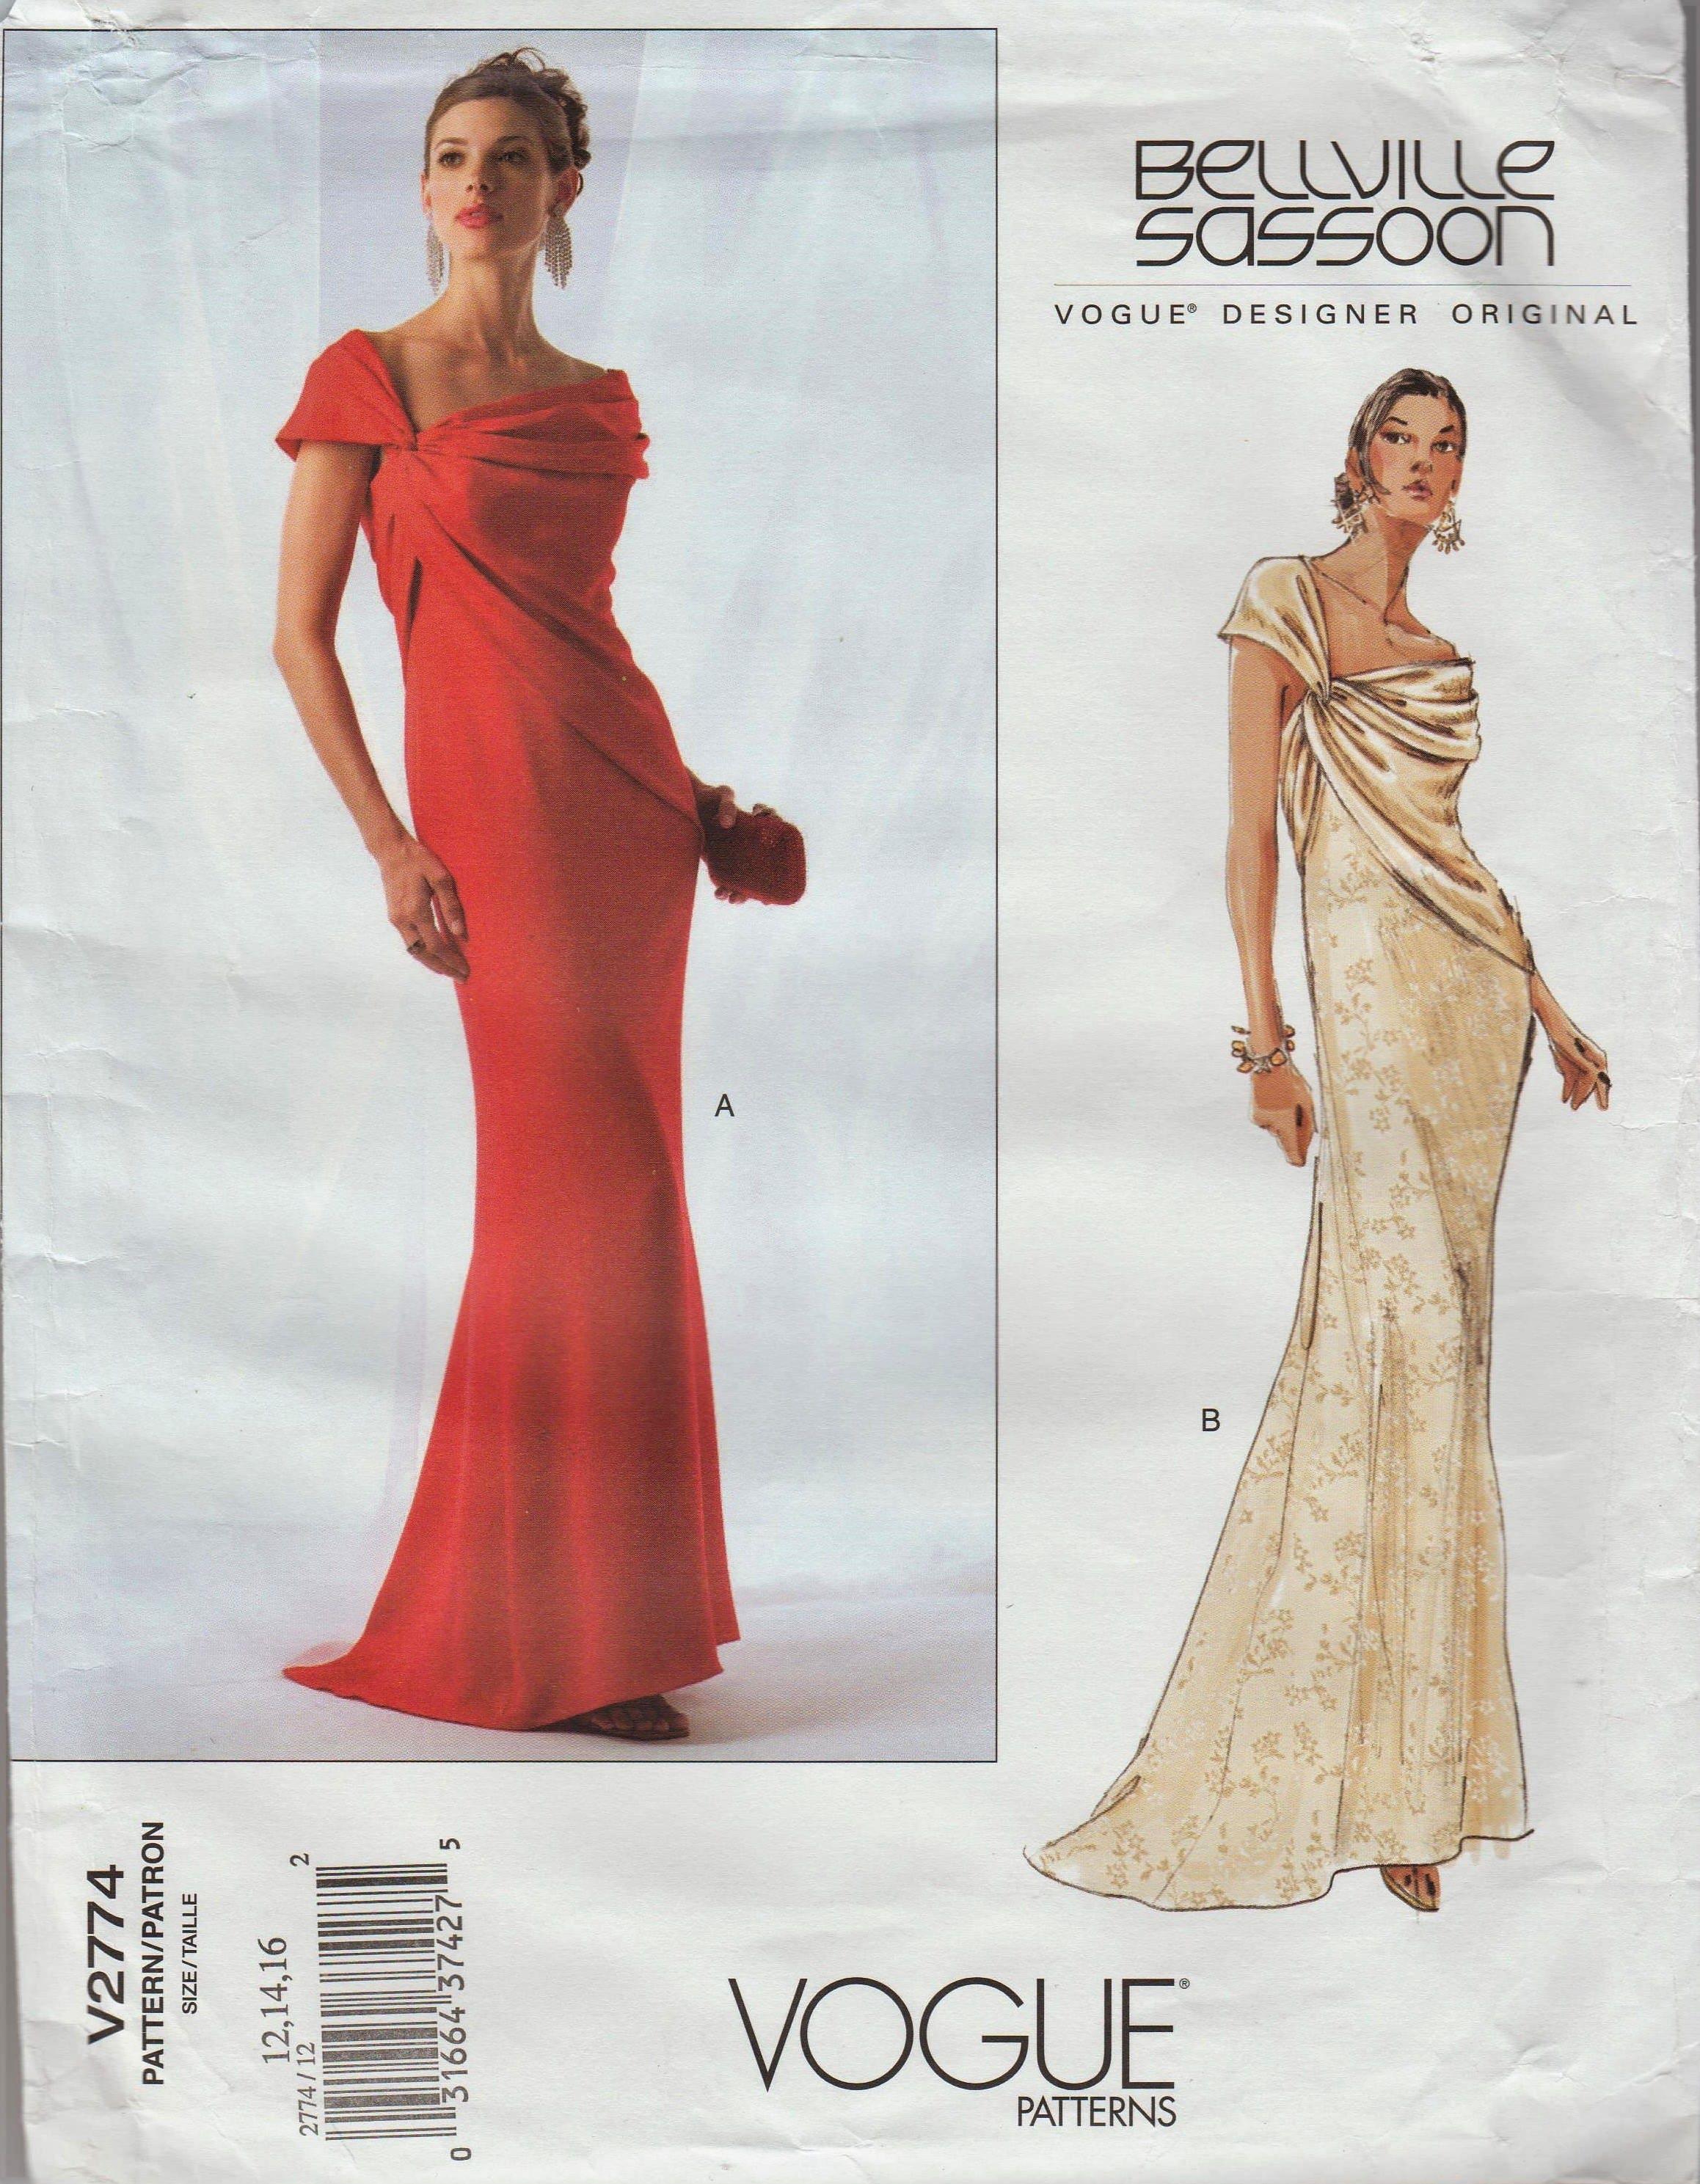 Fantastisch Brautjungfernkleid Designer Liste Fotos - Brautkleider ...